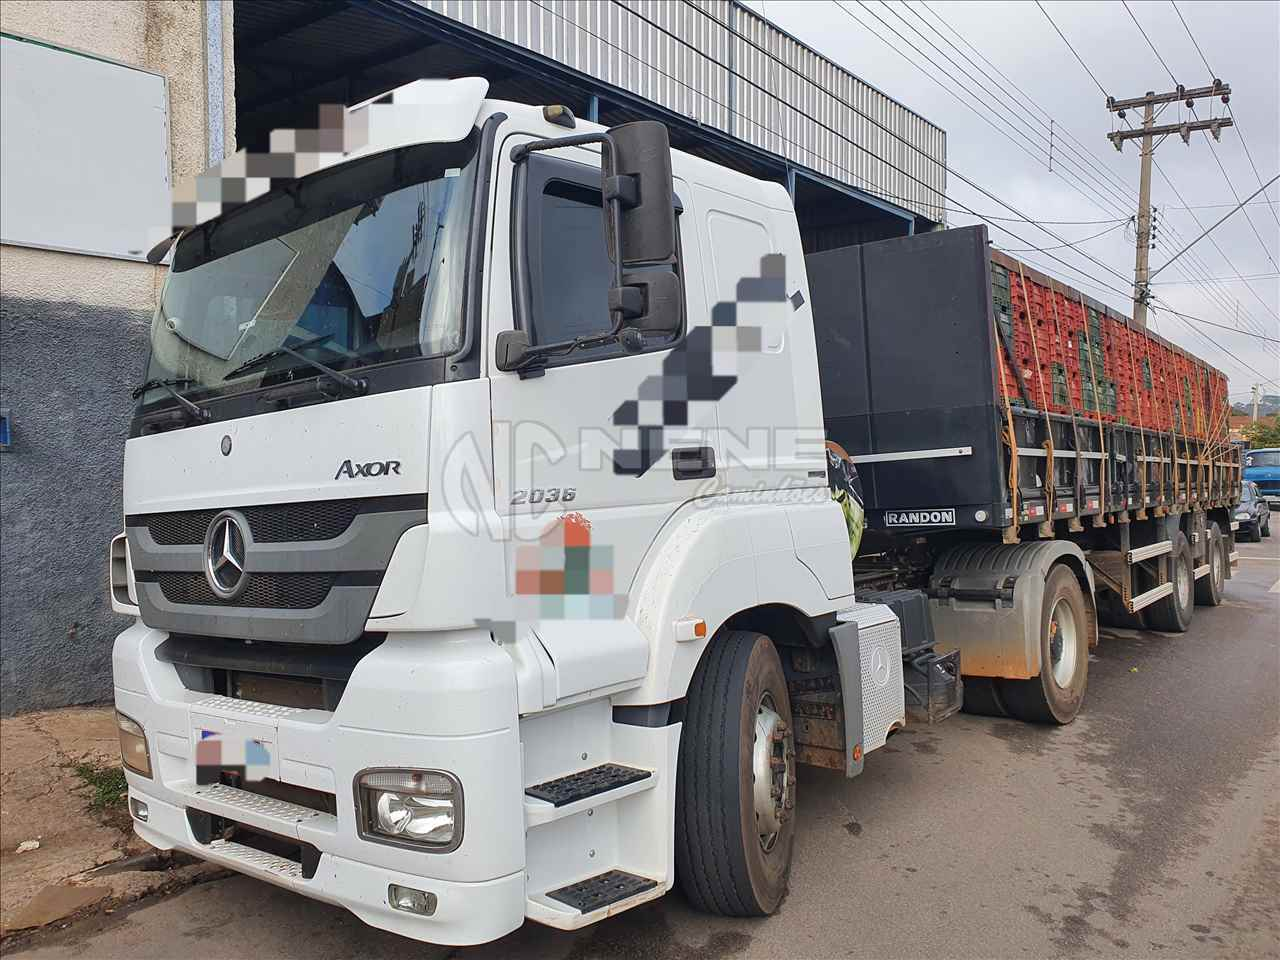 CAMINHAO MERCEDES-BENZ MB 2036 Cavalo Mecânico Toco 4x2 Nene Caminhões SAO JOAO DA BOA VISTA SÃO PAULO SP